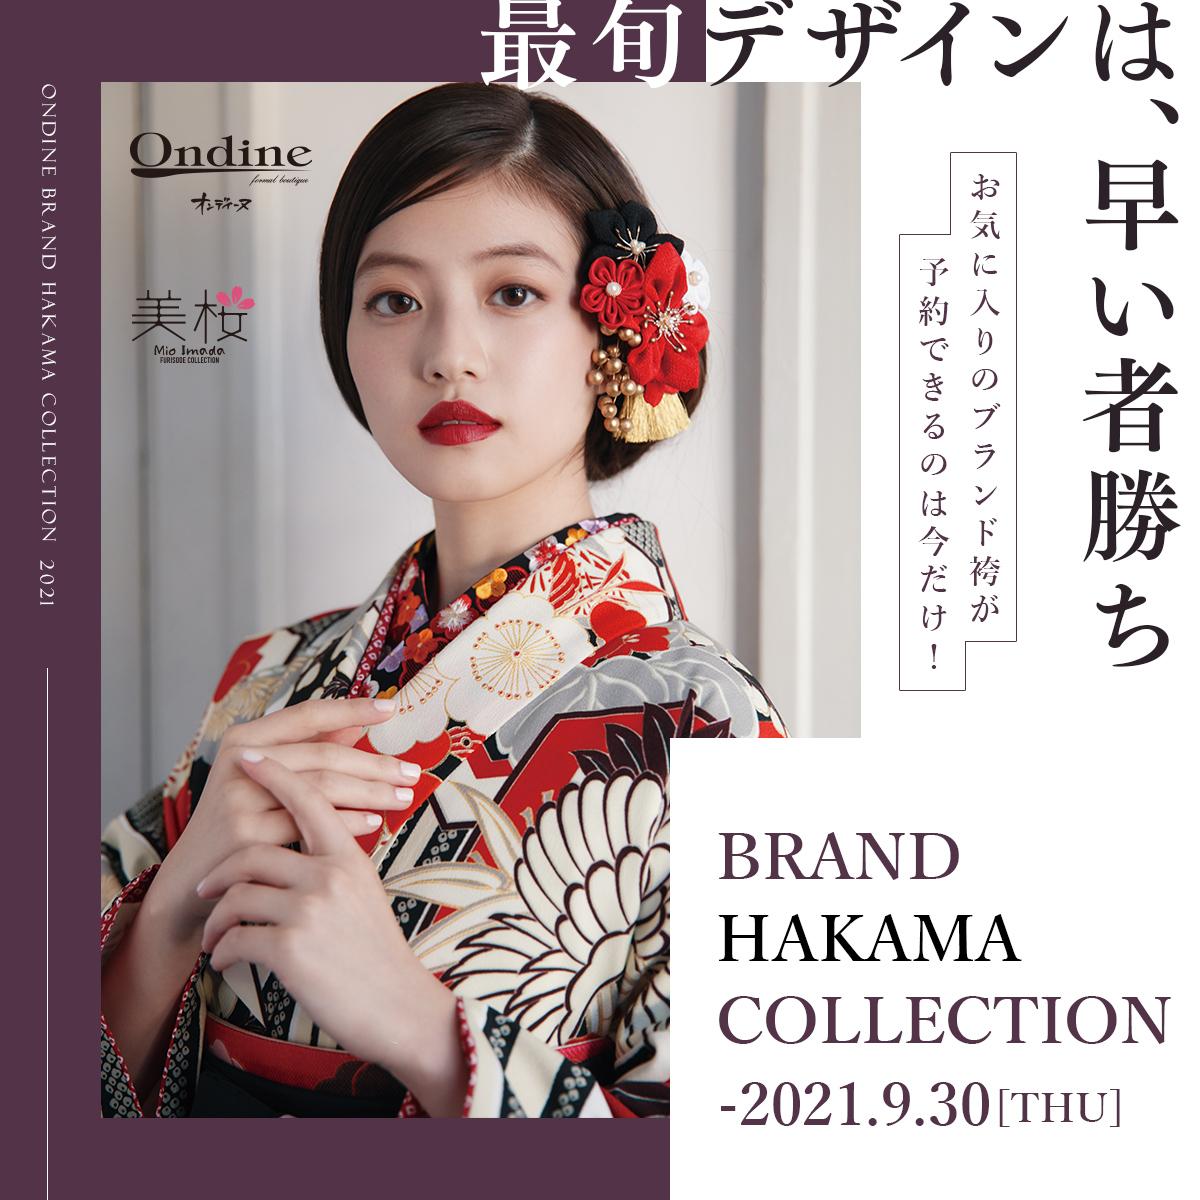 【心斎橋店】BRAND HAKAMA COLLECTION開催!